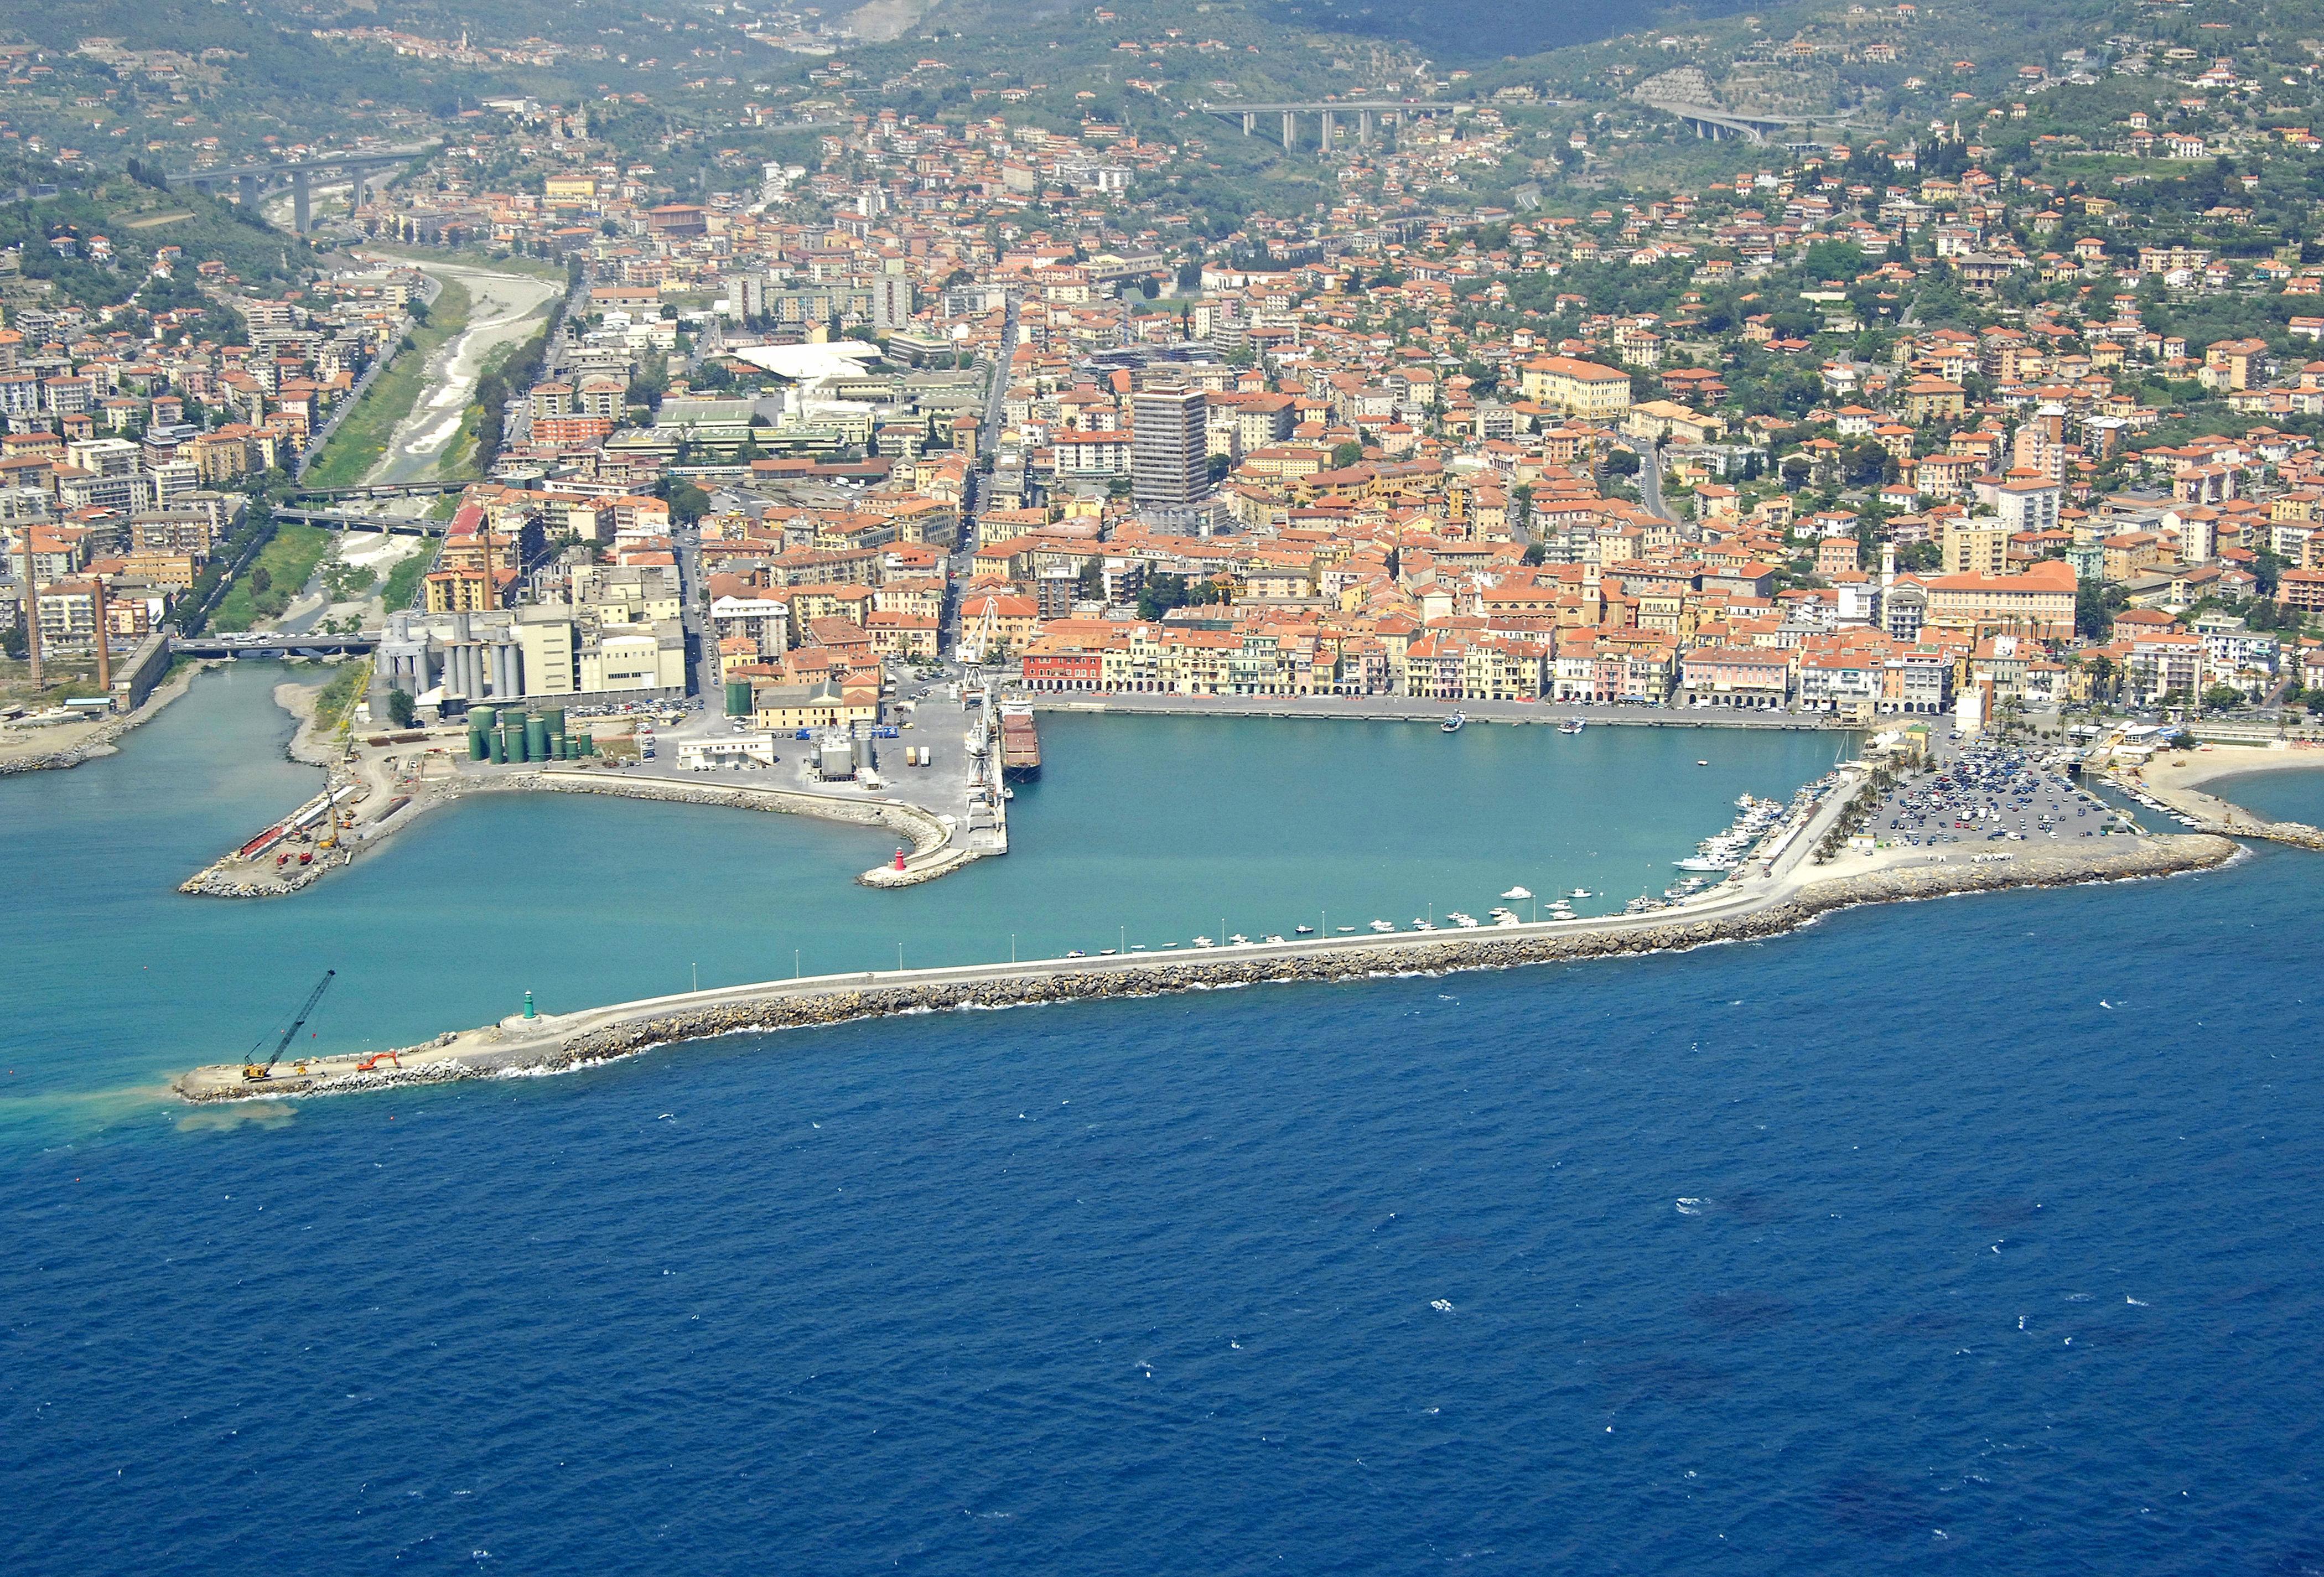 Oneglia marina in imperia liguria italy marina reviews for Oneglia imperia